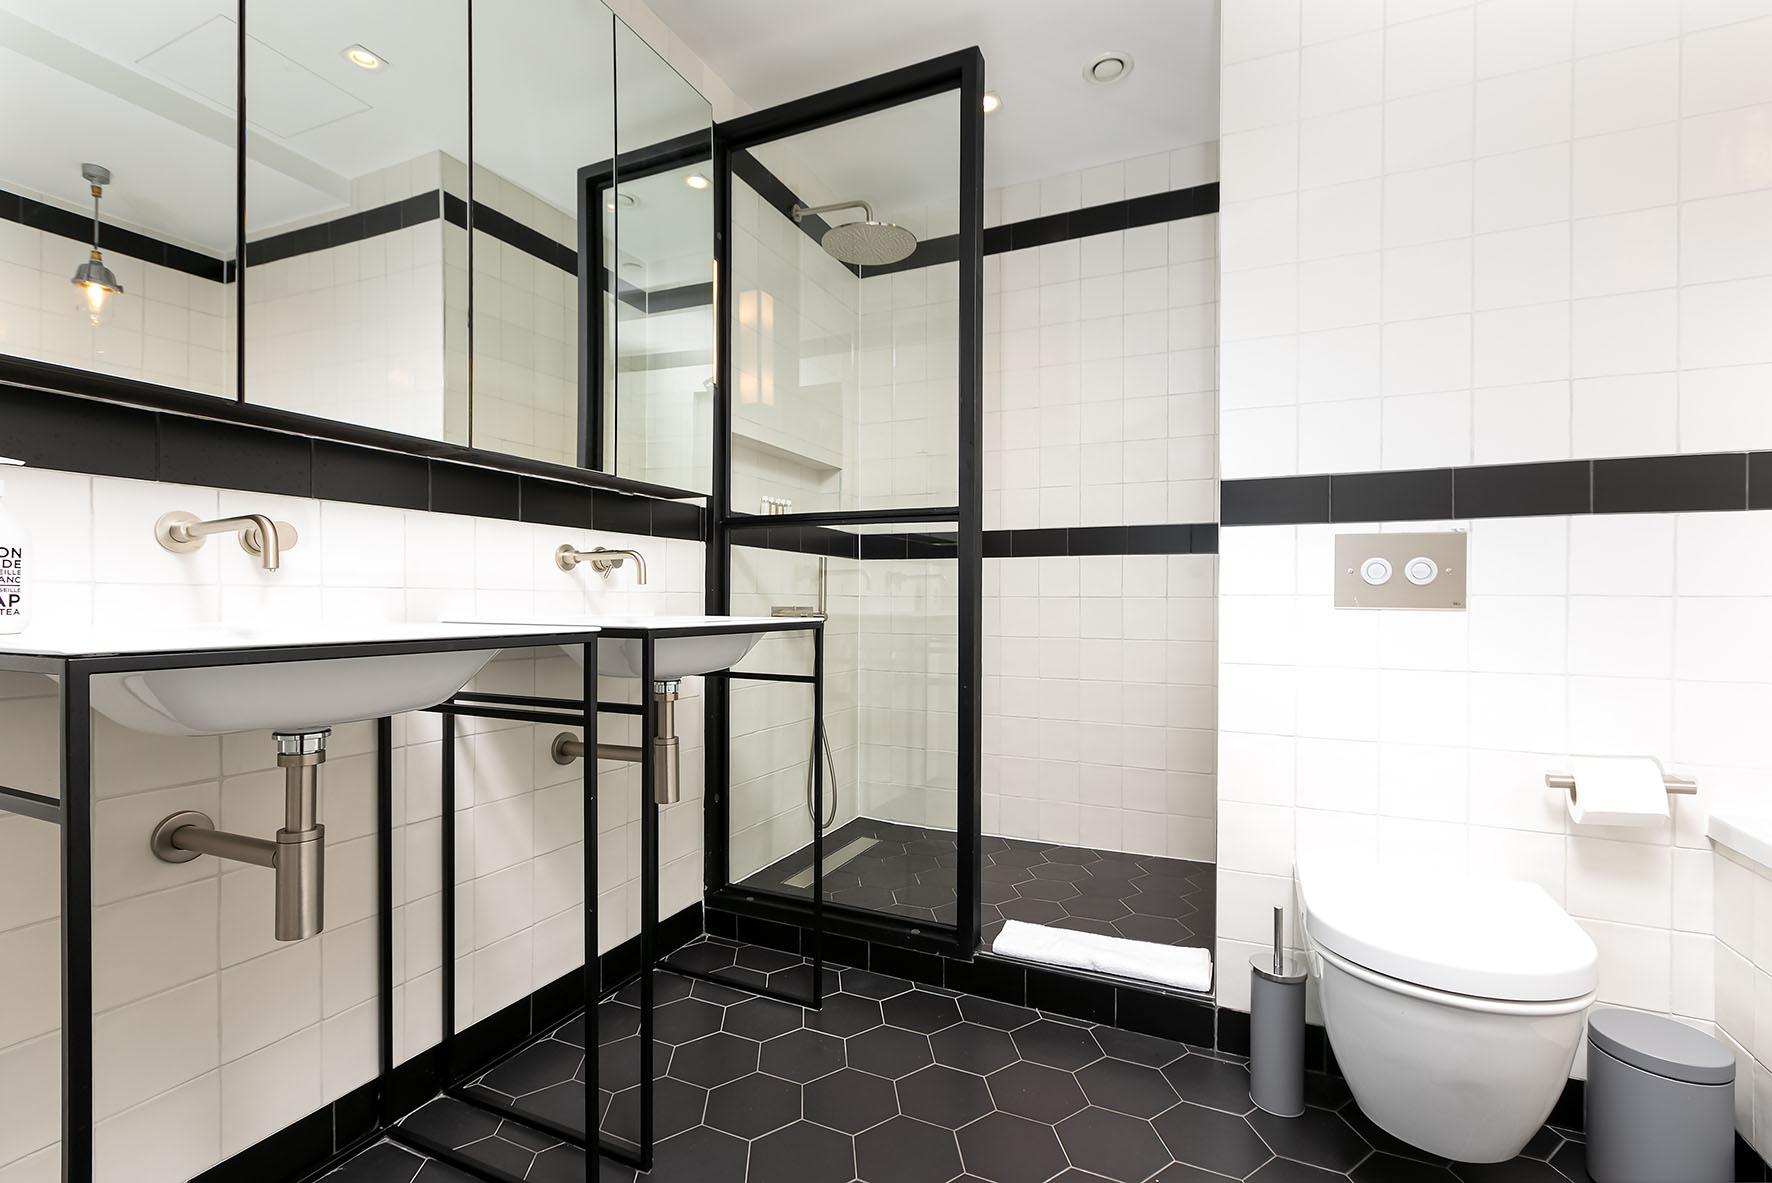 Lovelydays luxury service apartment rental - London - Soho - Oxford Street IV - Lovelysuite - 2 bedrooms - 2 bathrooms - Lovely shower - 01d936567971 - Lovelydays